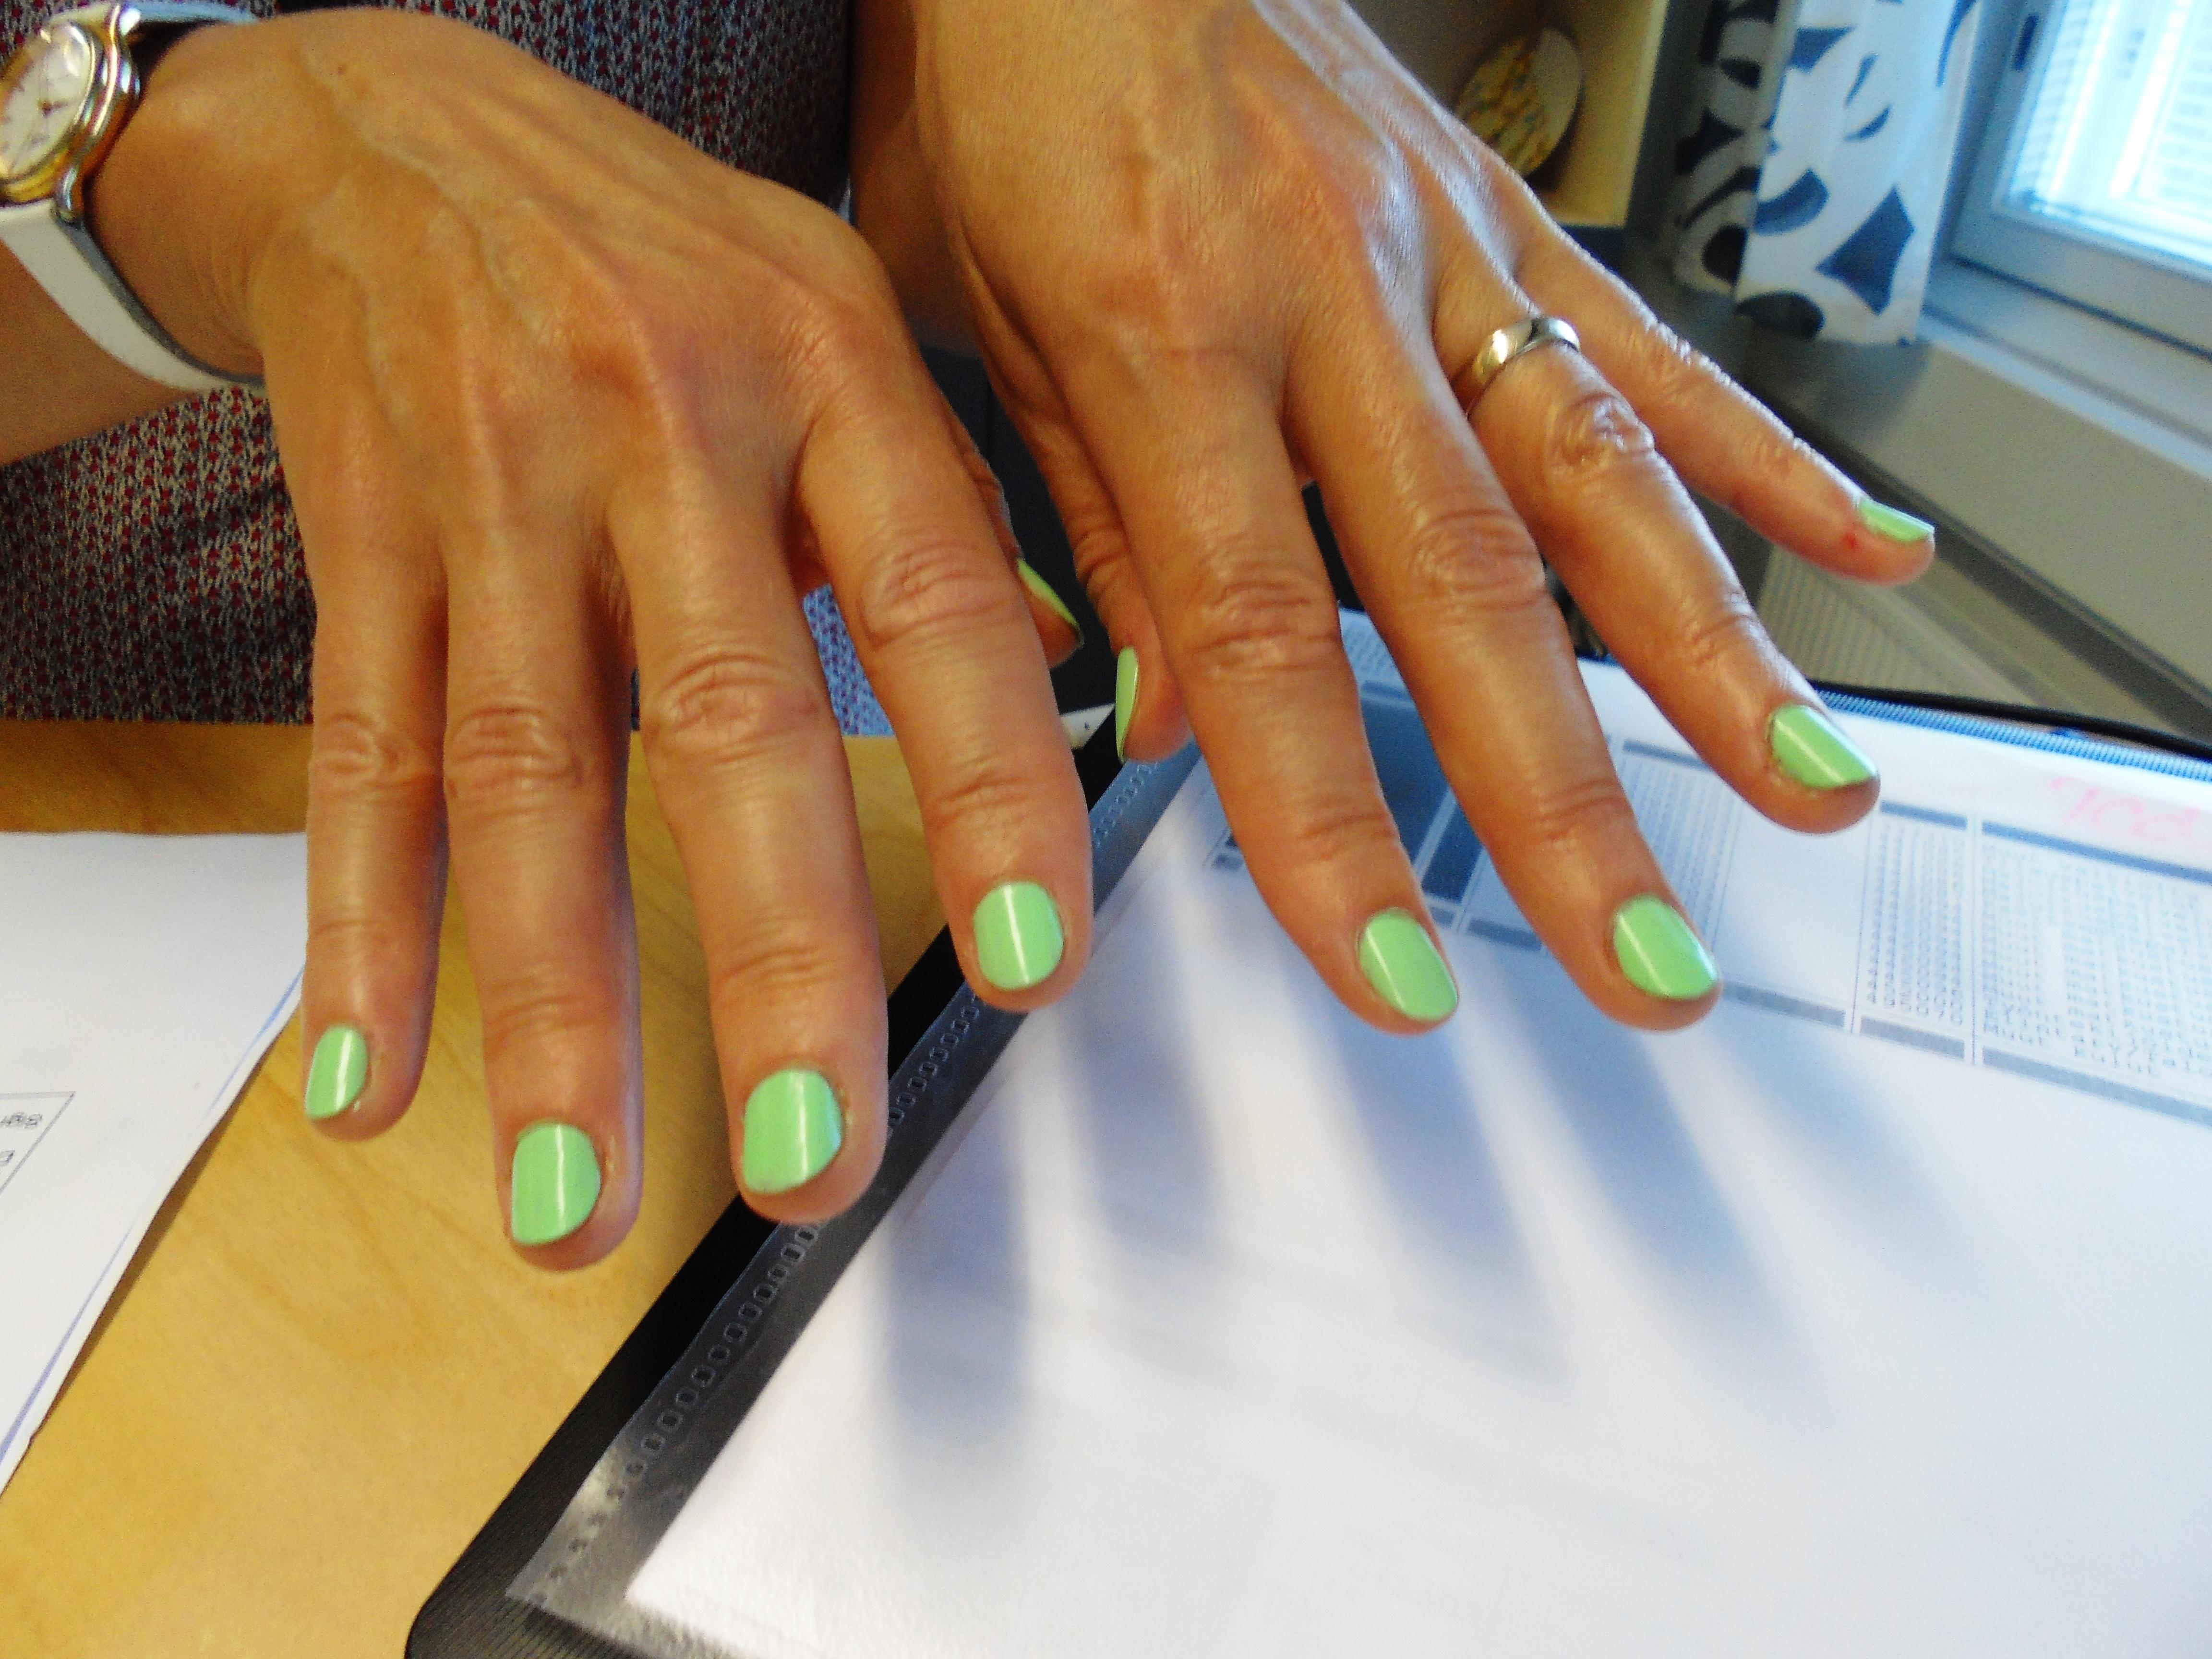 Kostenlose foto : Hand, Bein, Finger, Nagel, Maniküre, Entwurf ...